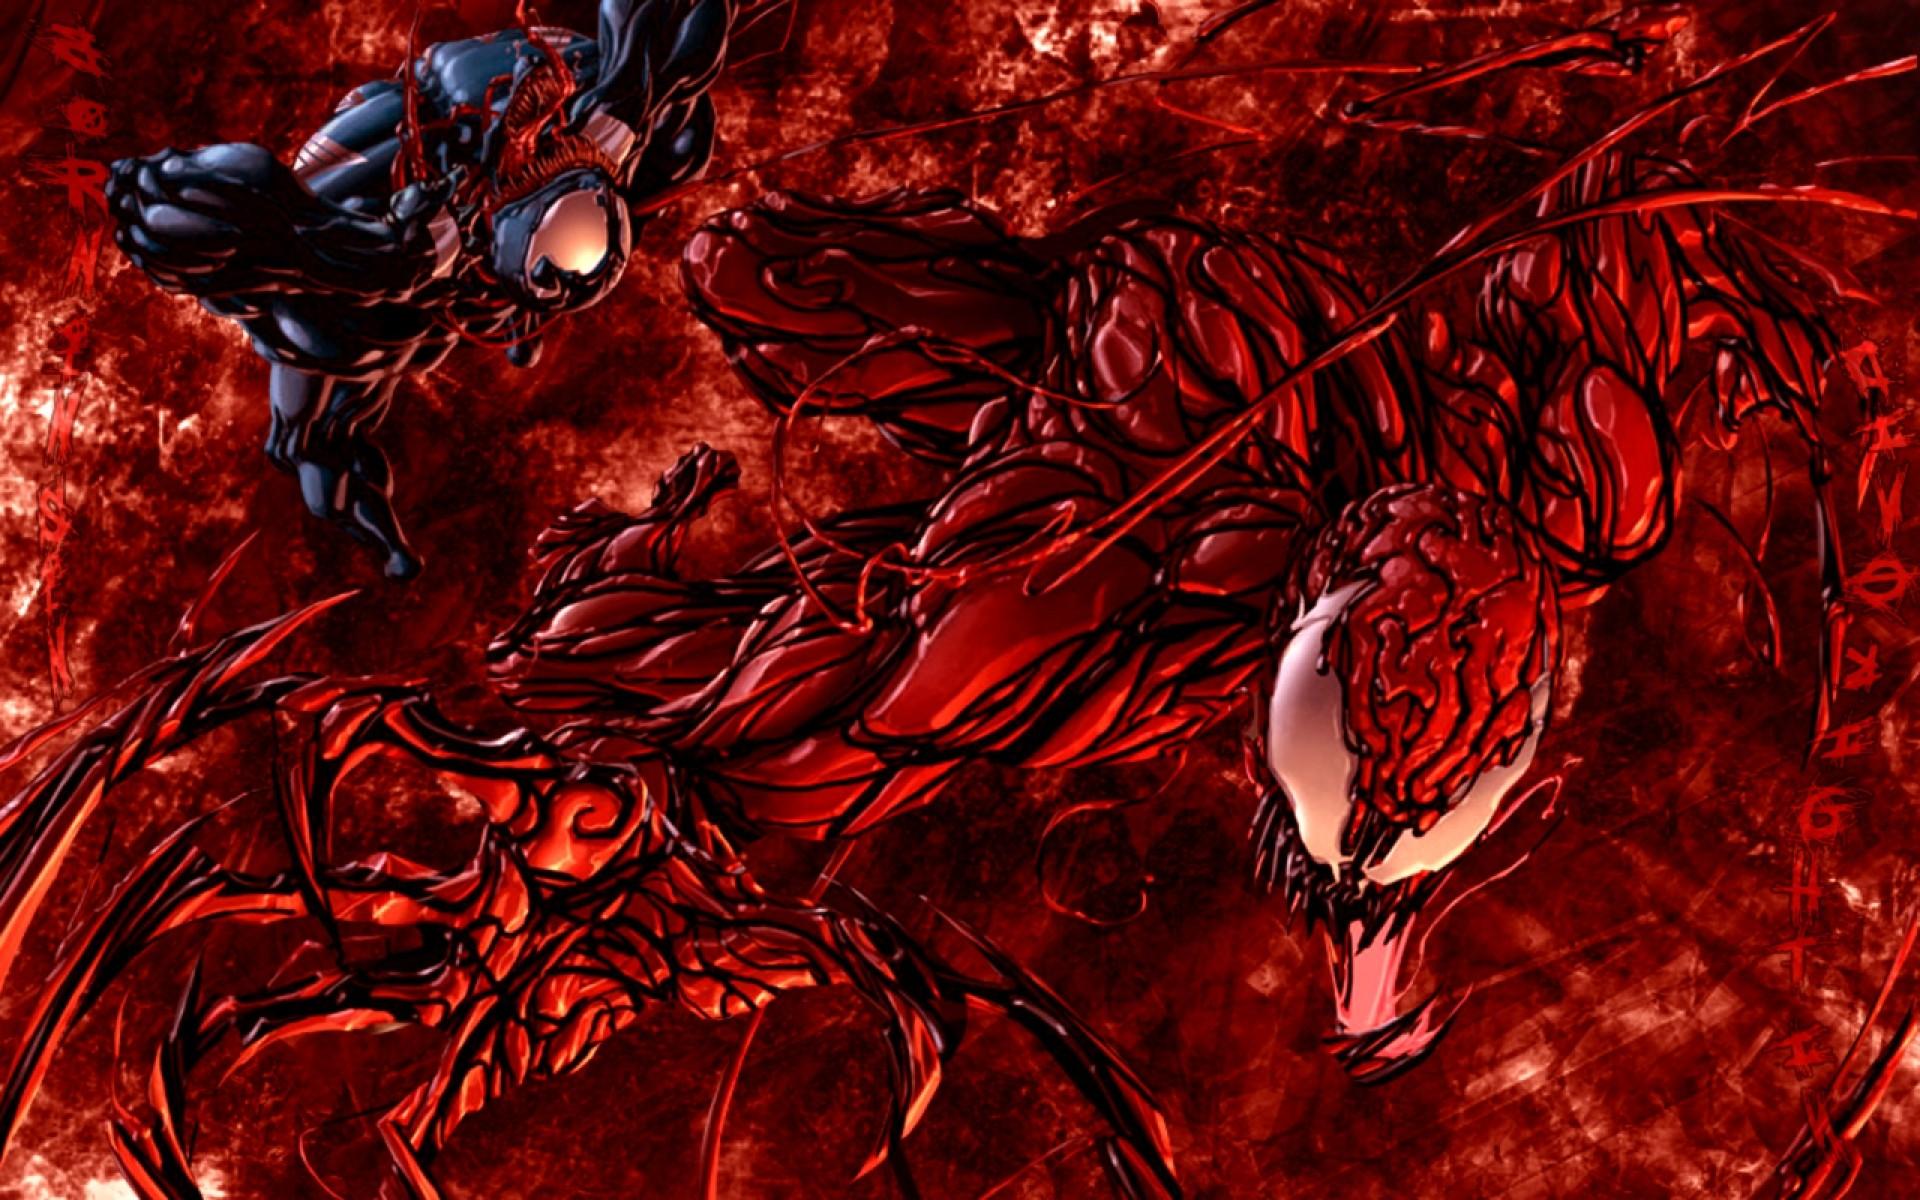 Carnage Wallpaper · Anti Venom vs Carnage